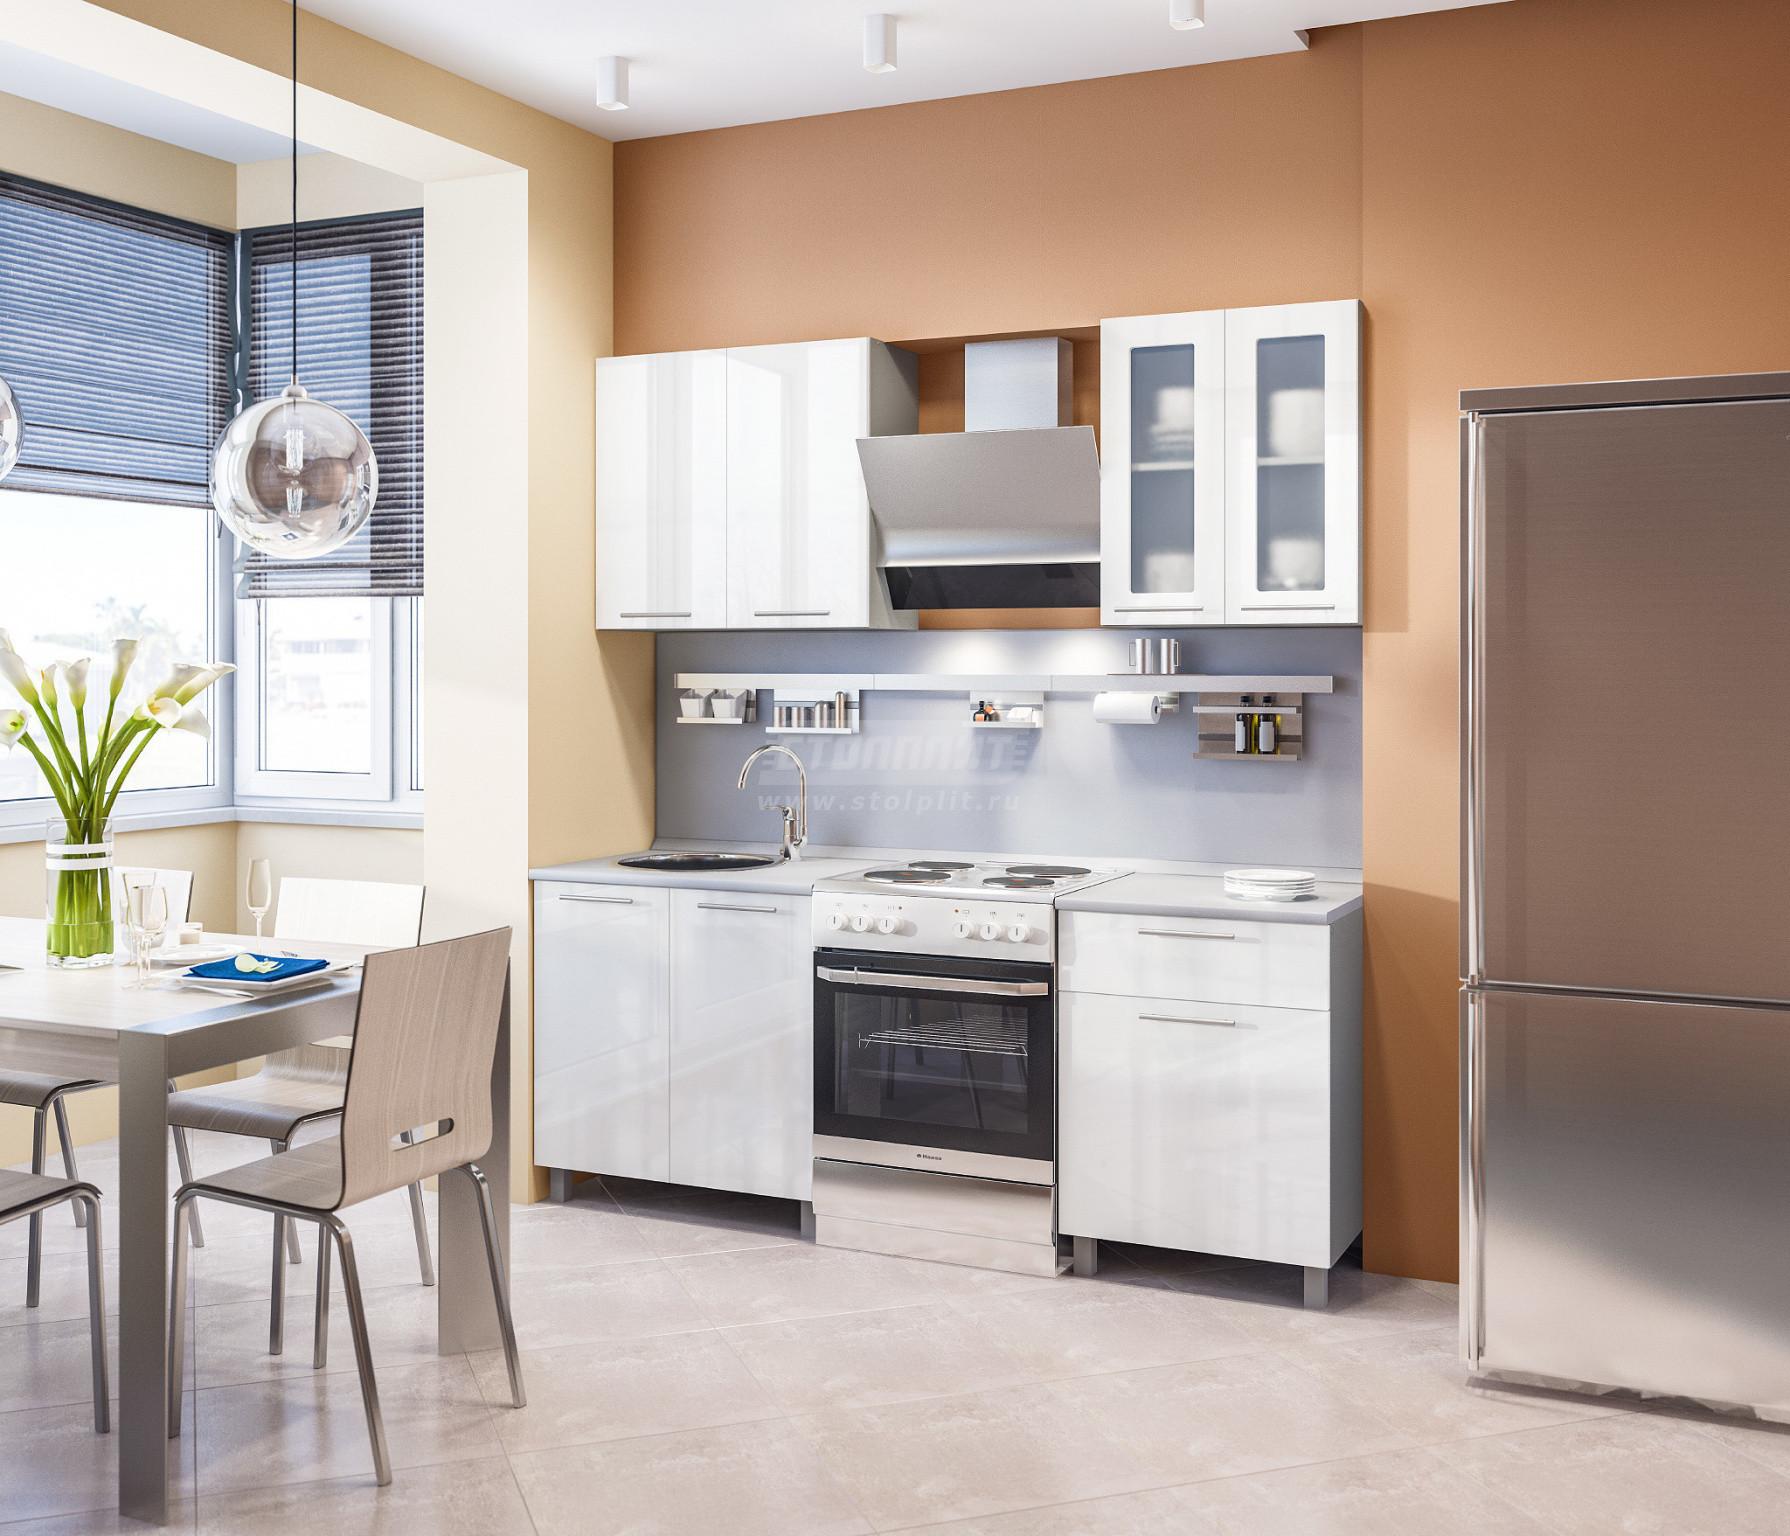 Кухня Столплит Анна L-2000 алюминий/белый глянец 140x214x60 см